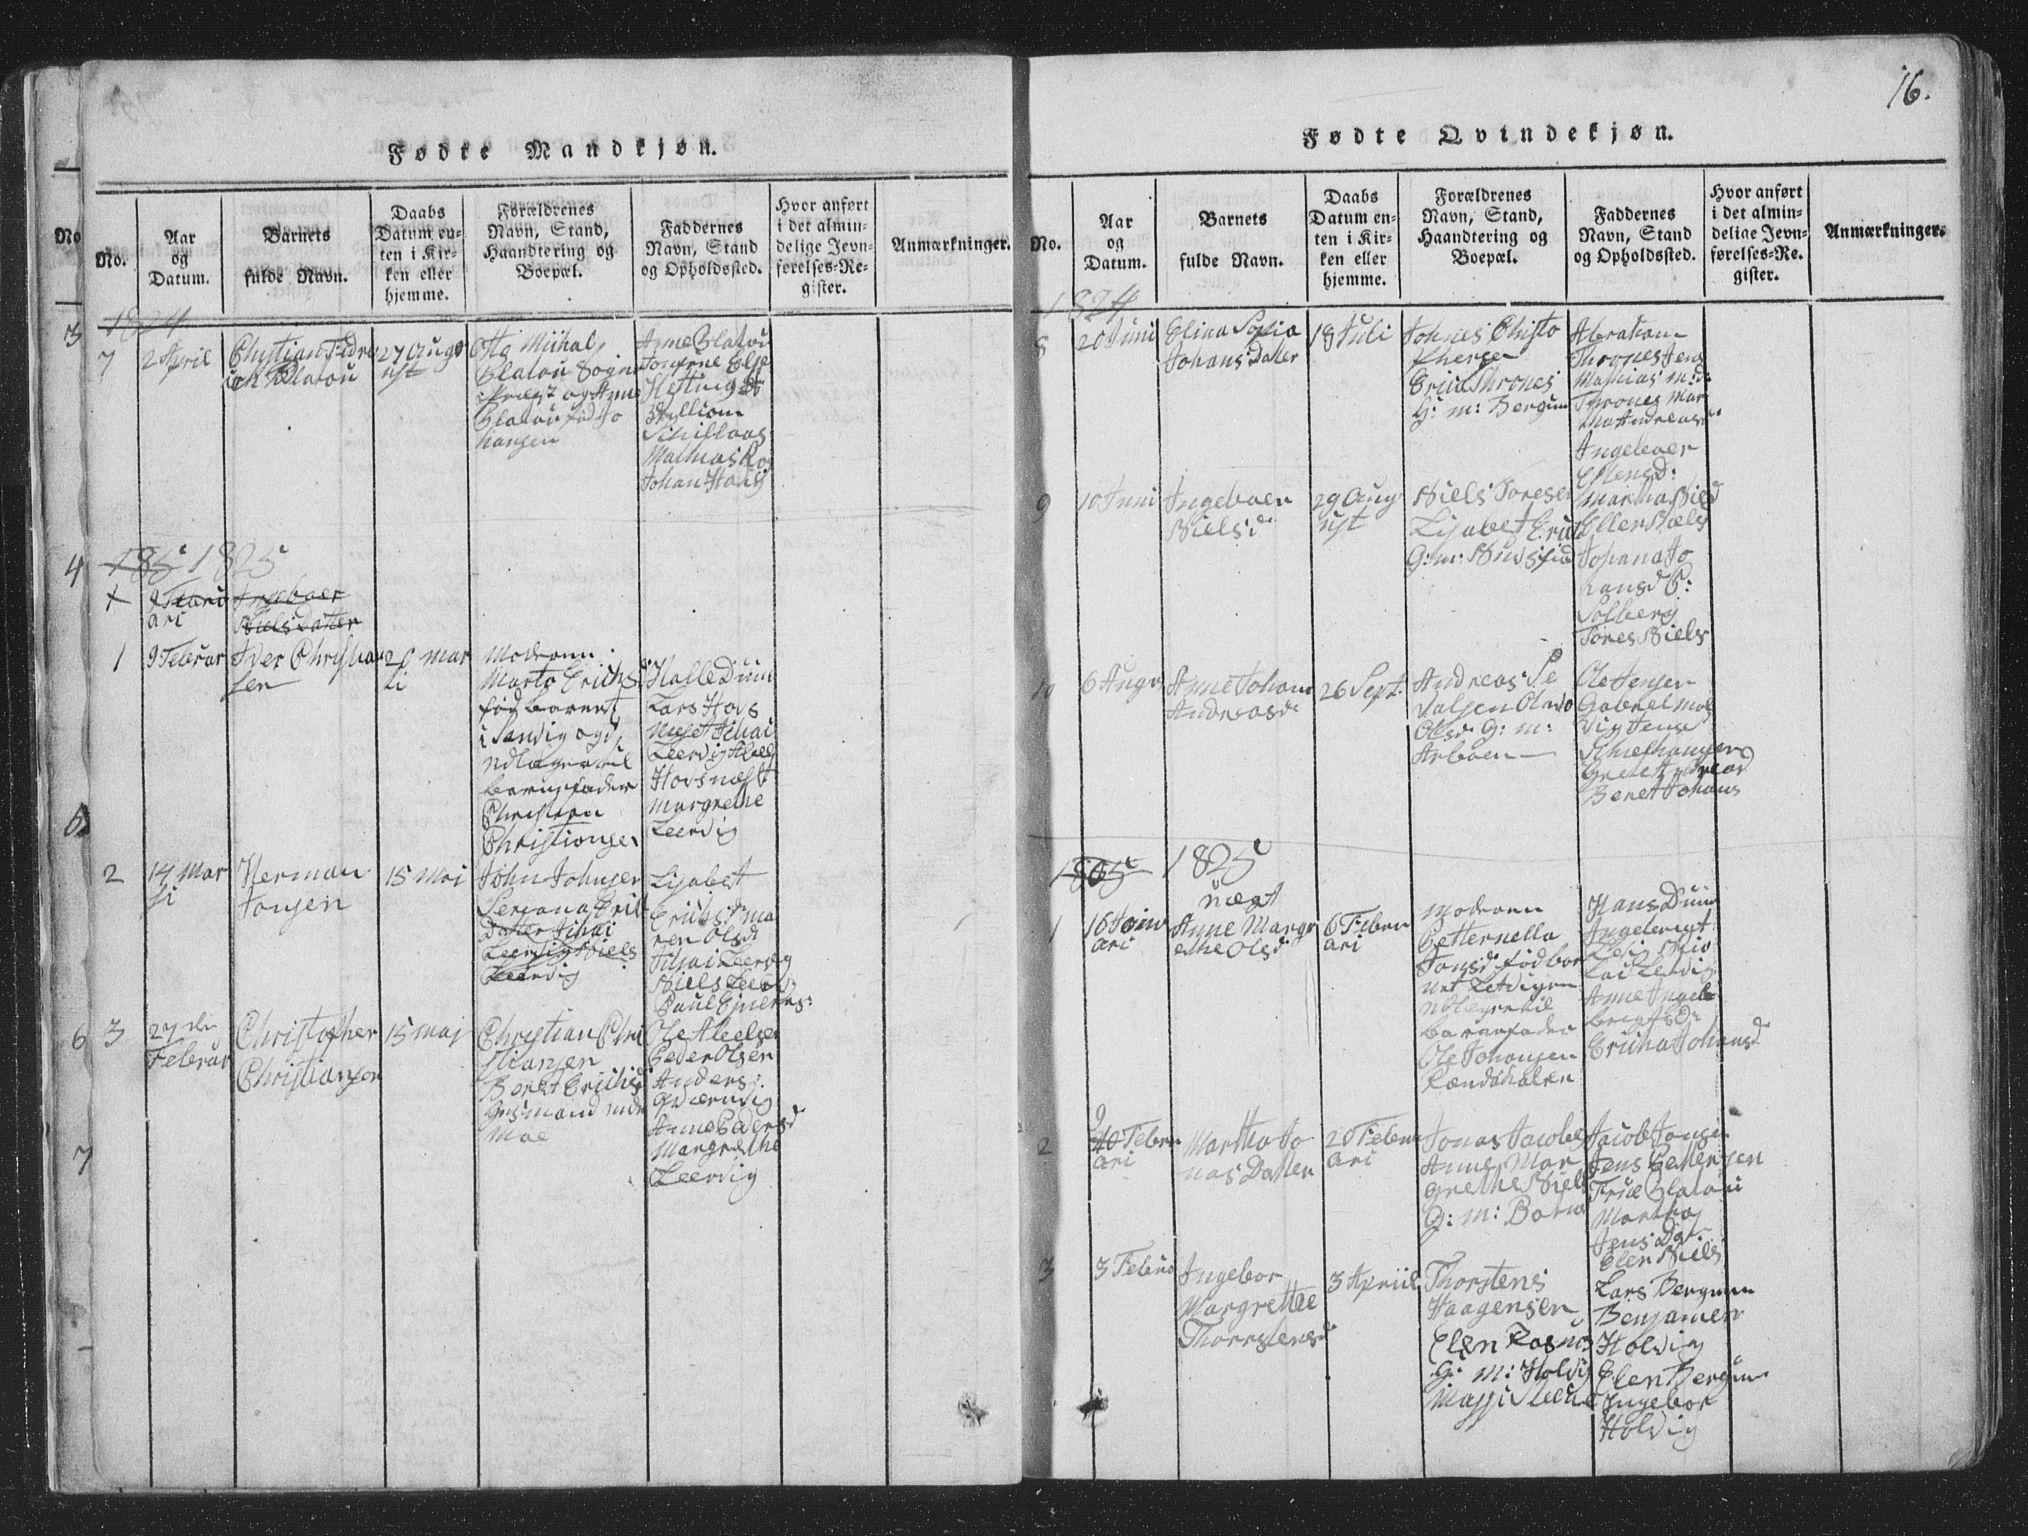 SAT, Ministerialprotokoller, klokkerbøker og fødselsregistre - Nord-Trøndelag, 773/L0613: Ministerialbok nr. 773A04, 1815-1845, s. 16